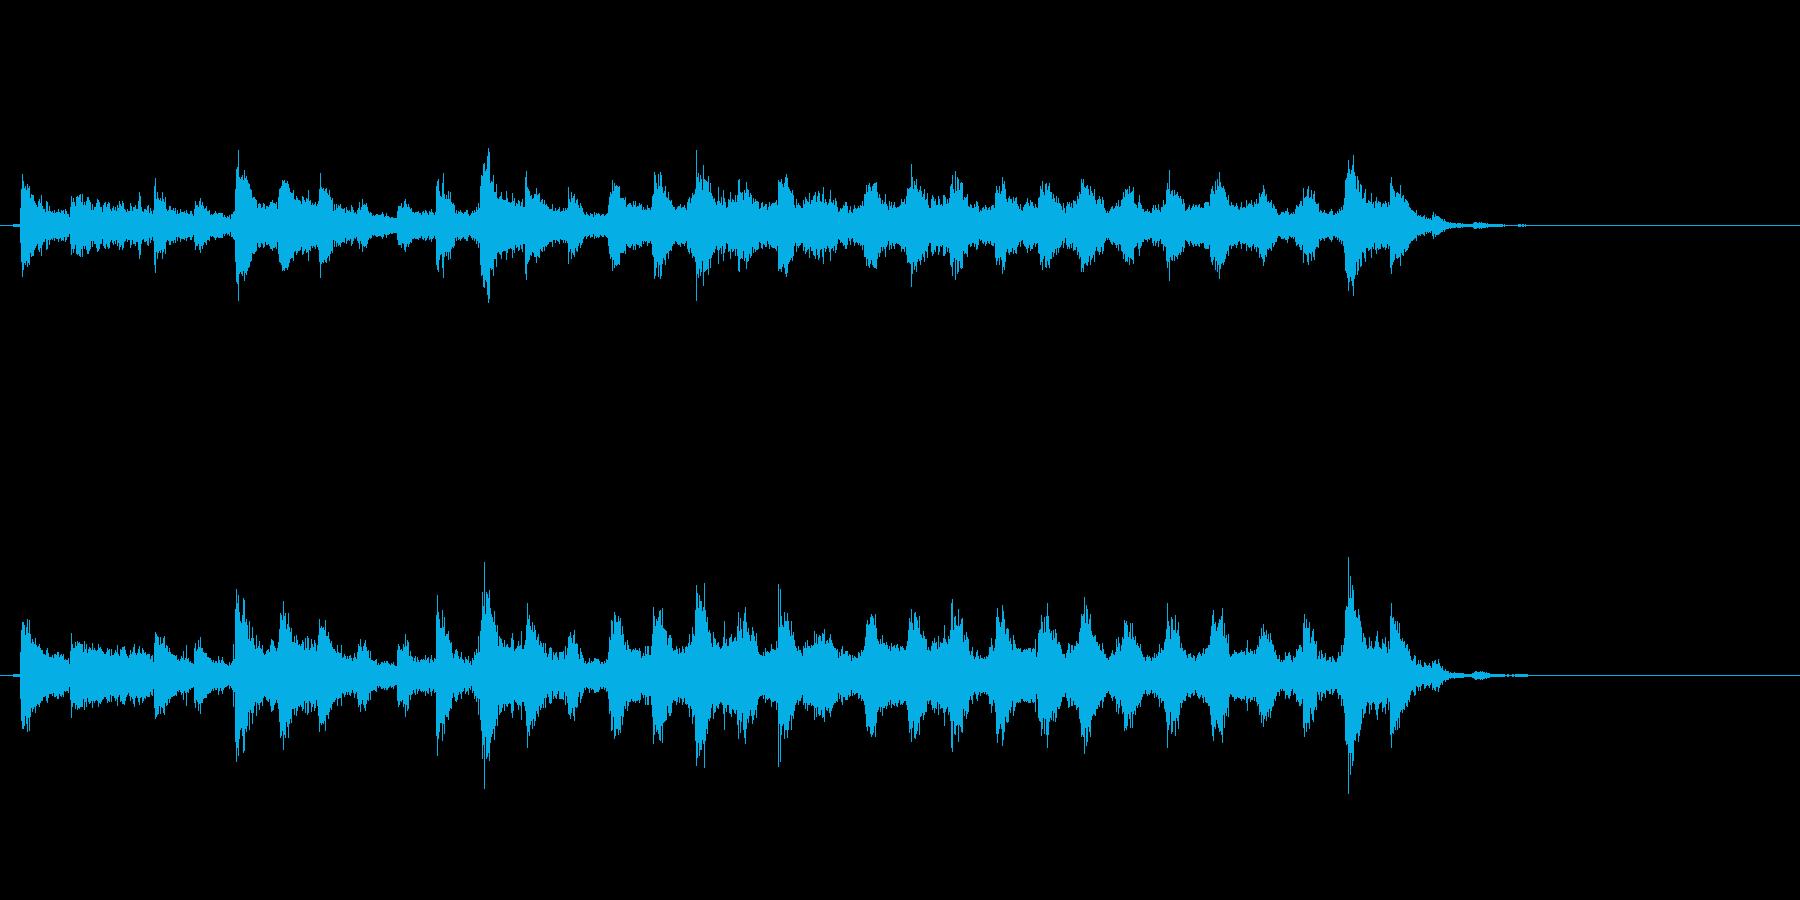 音侍「チャッパ」和製シンバルのフレーズ2の再生済みの波形